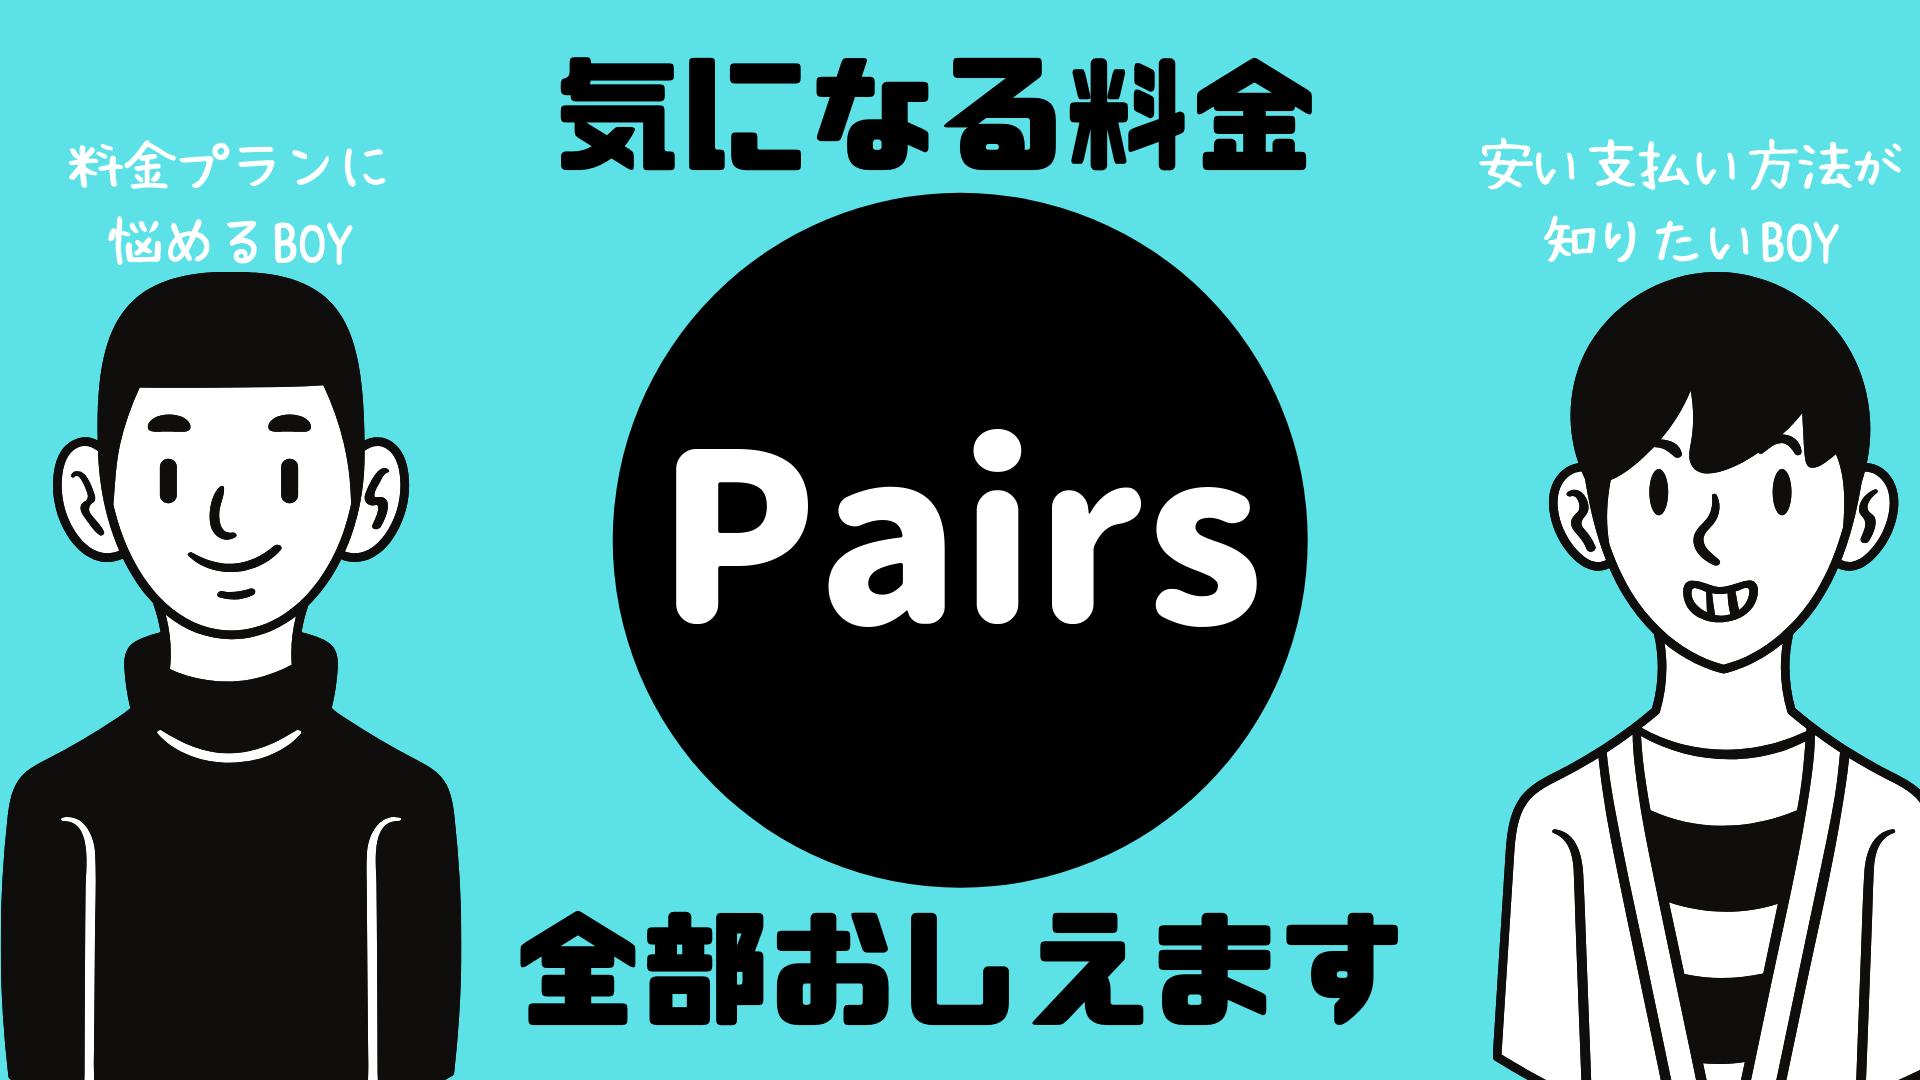 【男性編】Pairs(ペアーズ)の料金形態・支払い方法丸わかり!